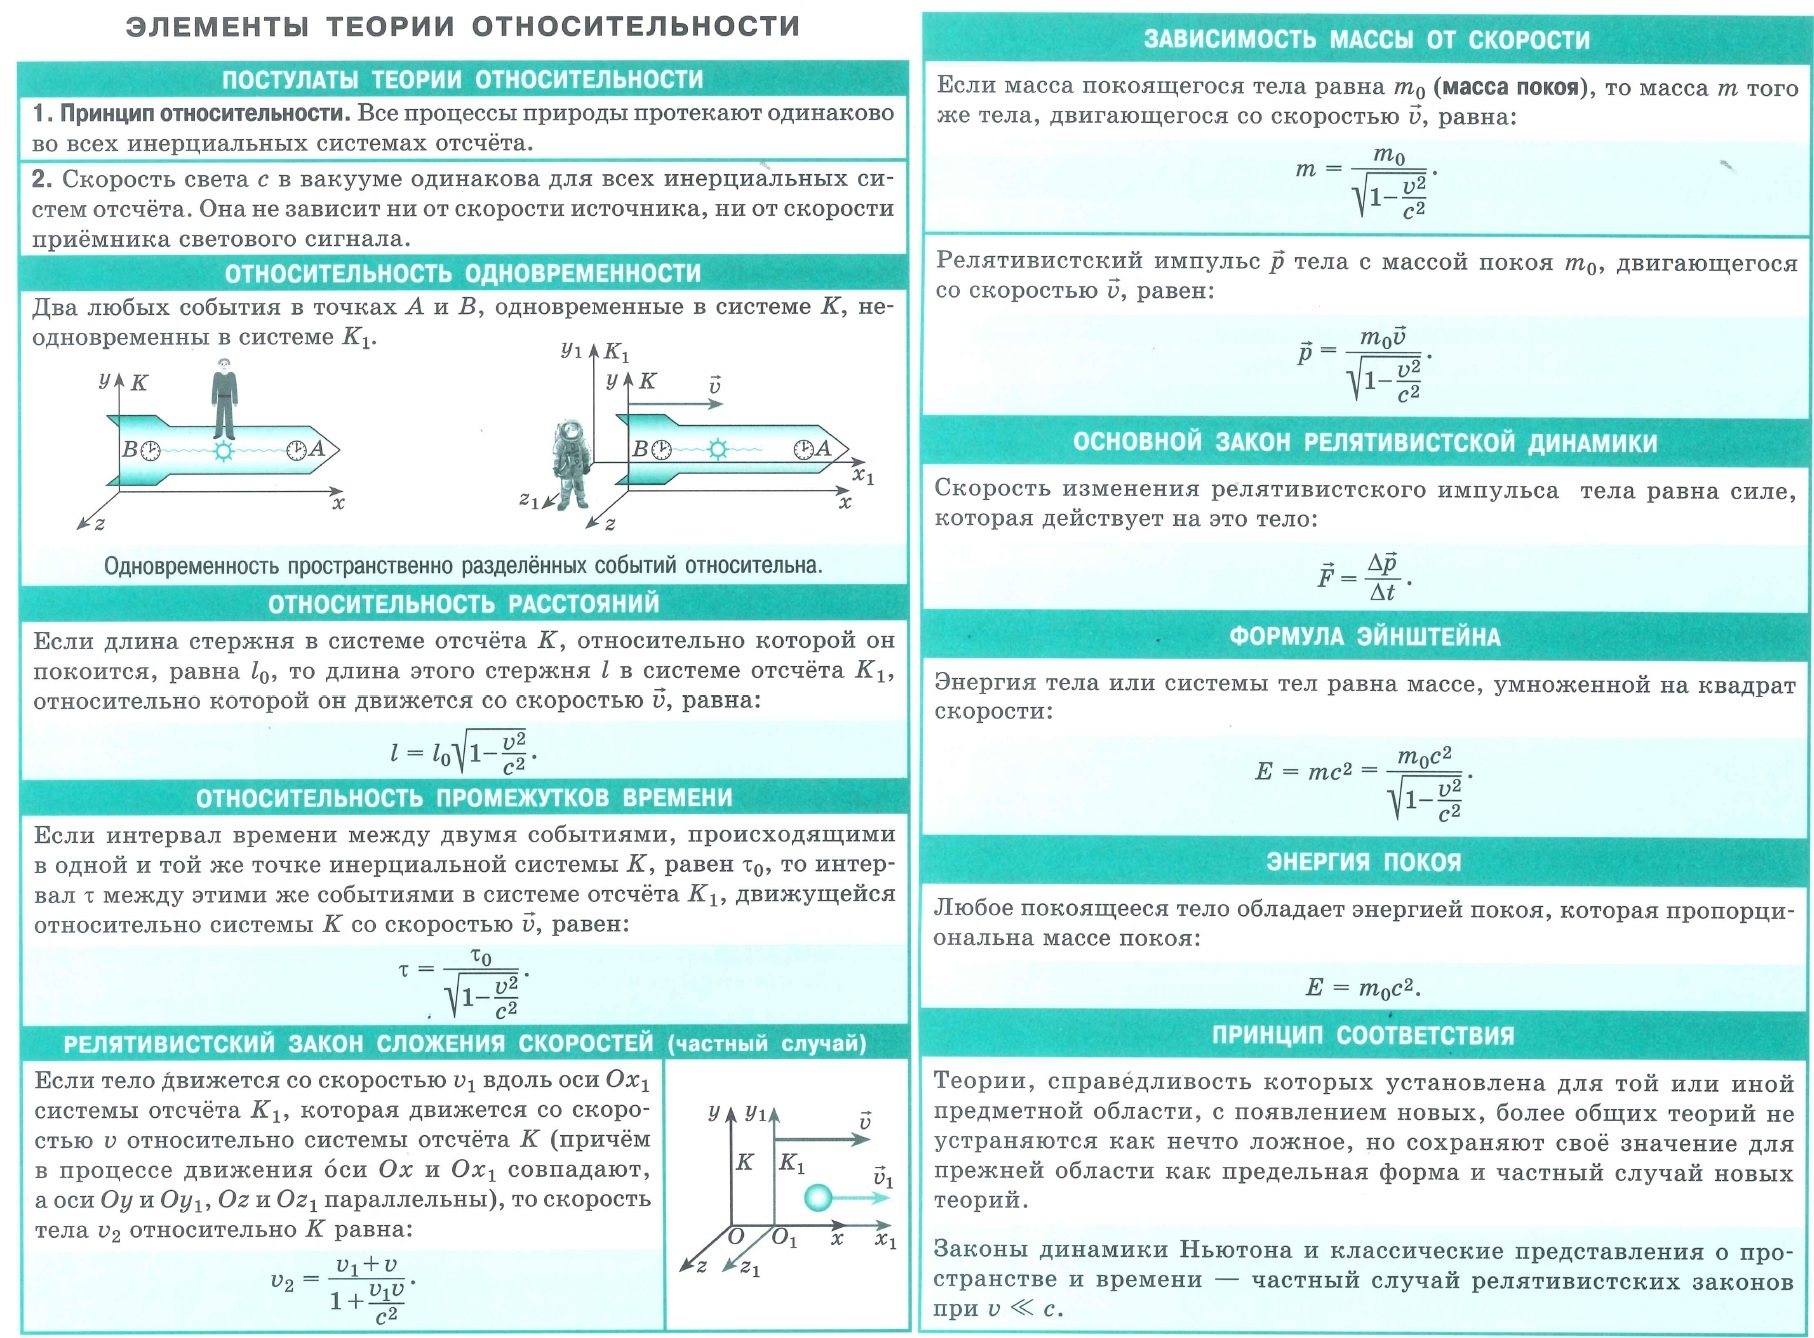 Элементы теории относительности. Постулаты теории относительности. Относительность одновременности, расстояний, промежутков времени. Релятивистский закон сложения скоростей. Зависимость массы от скорости. Основной закон релятивистский динамики. Формула Эйнштейна. Энергия покоя. Принцип соответствия